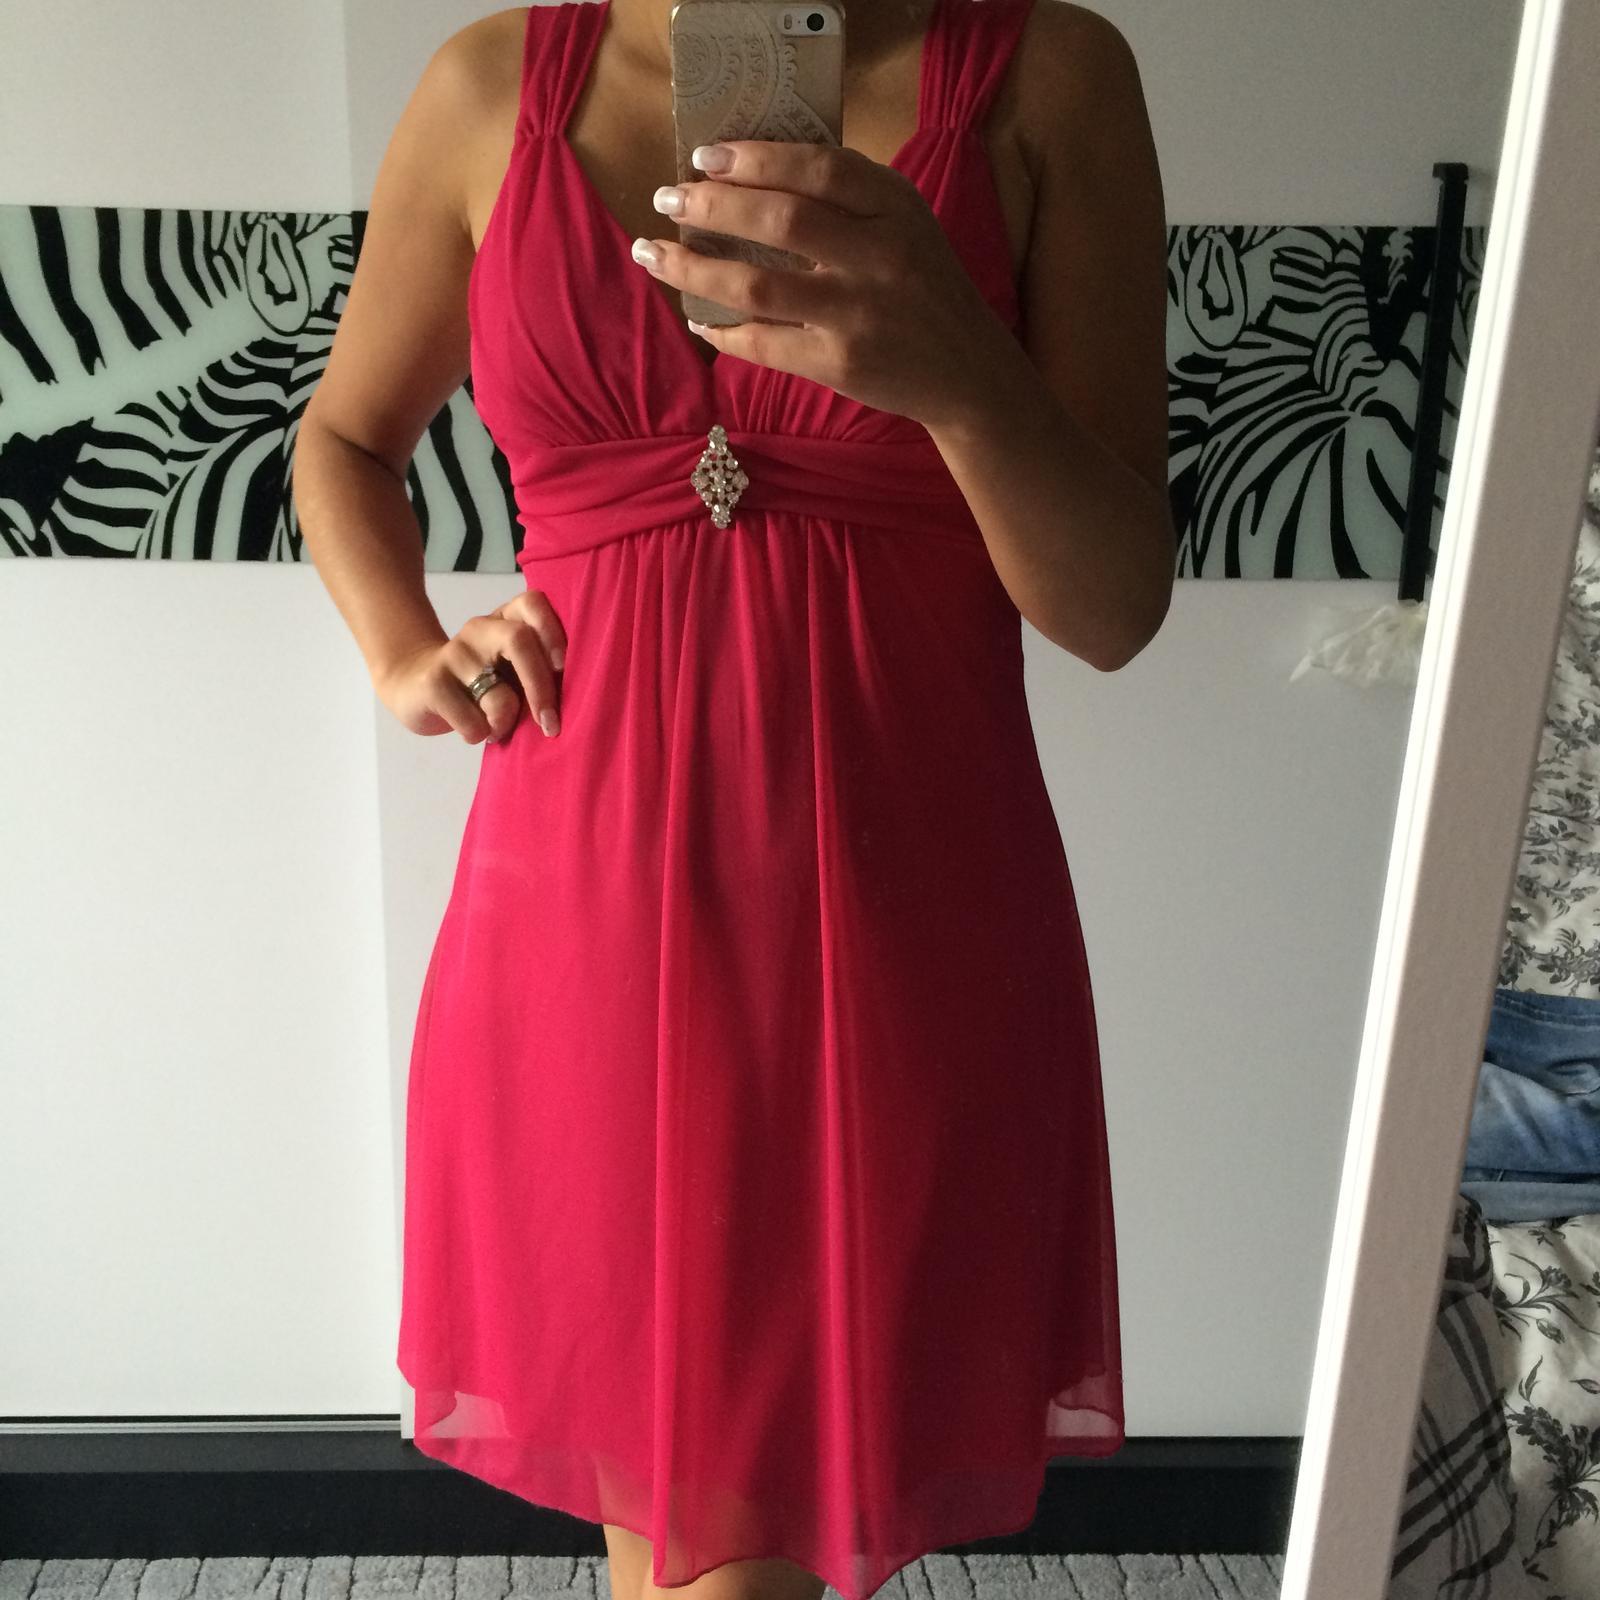 Fuchsiové šaty s výraznou broží 1e343f6f16